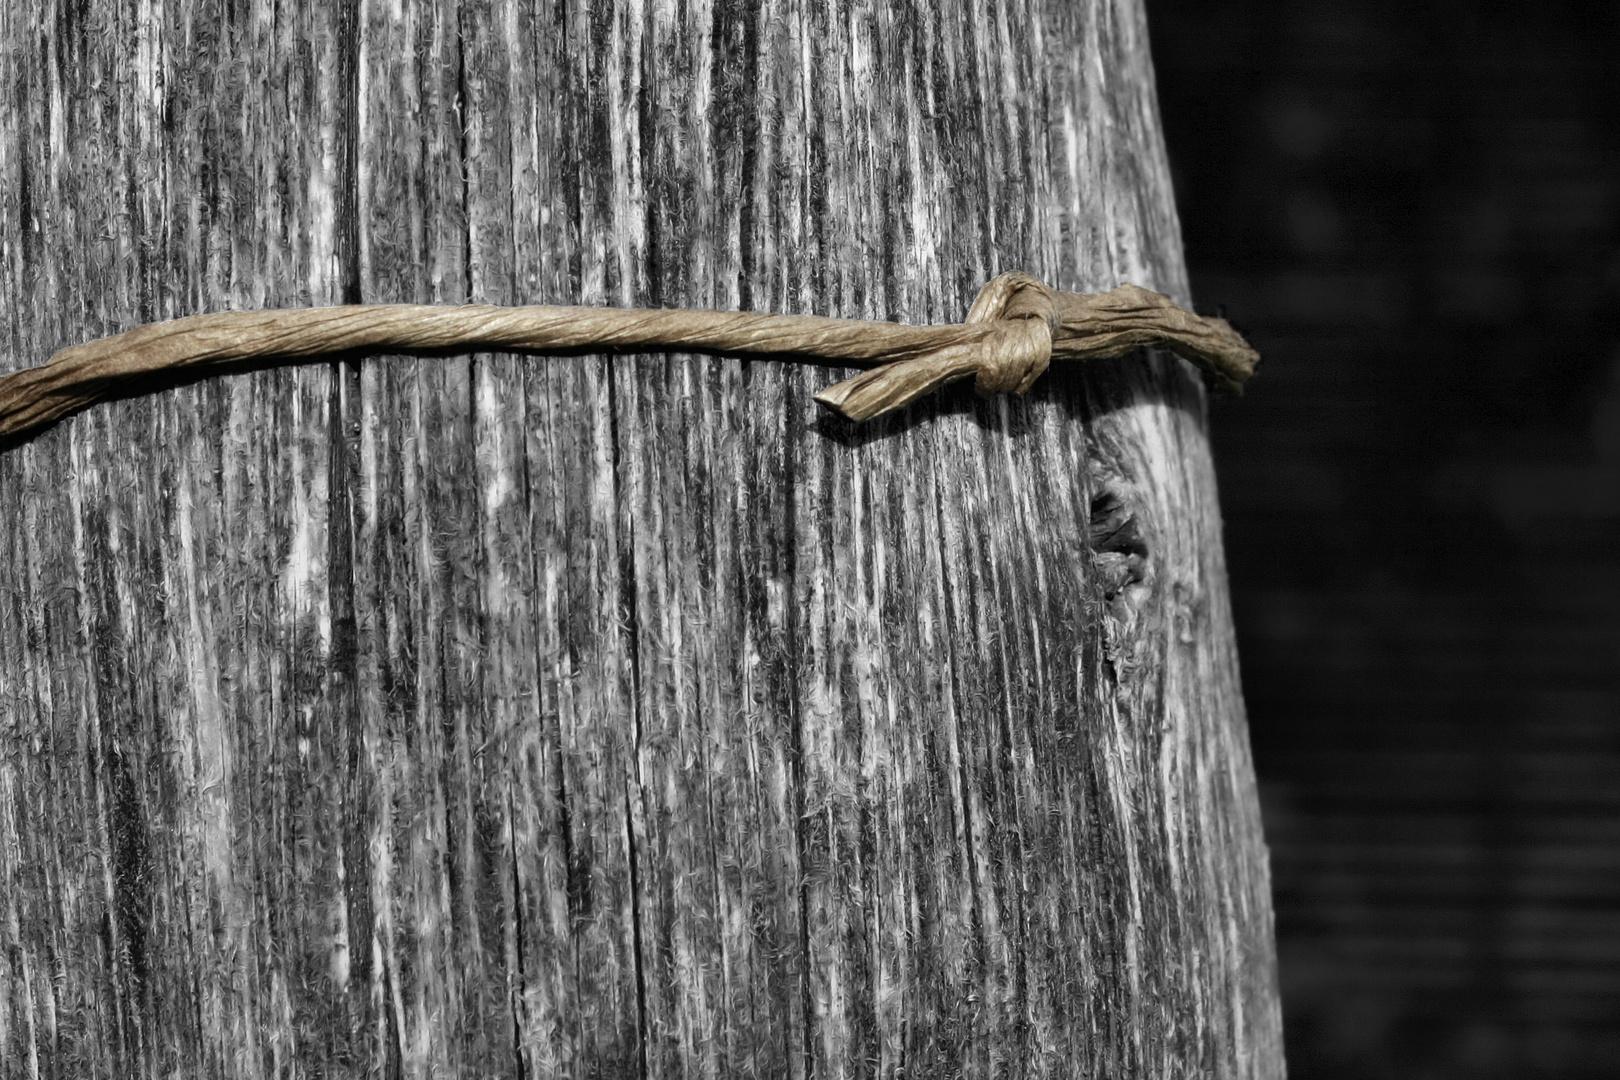 Denkmalschutz - Holz IV - Bündnis